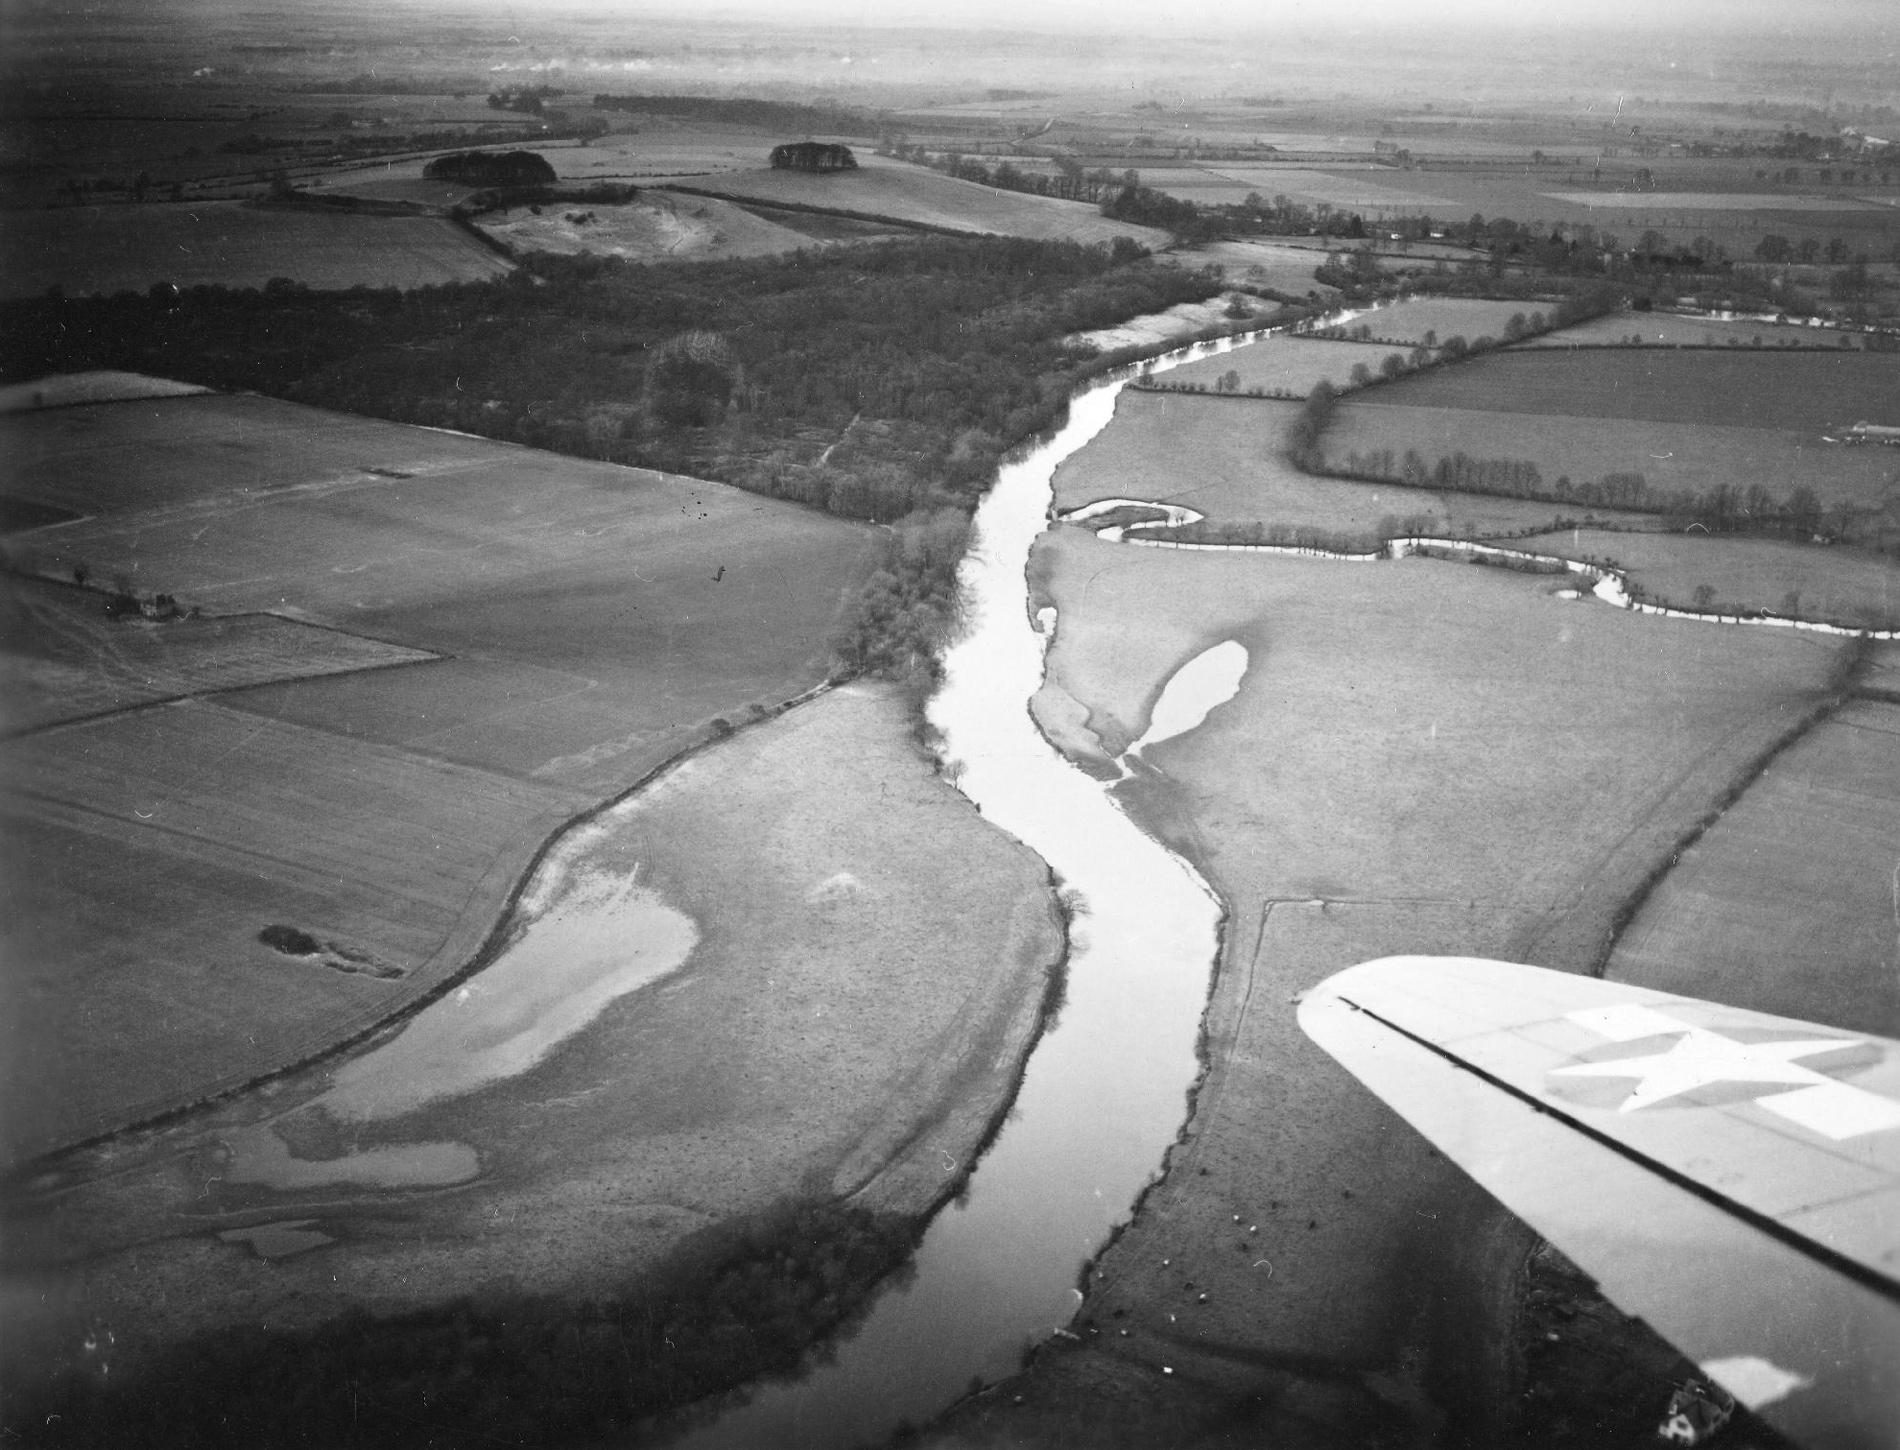 Dorchester-on-Thames mit Mündung des Flusses Thame in den Fluß Thames (Großbritannien)